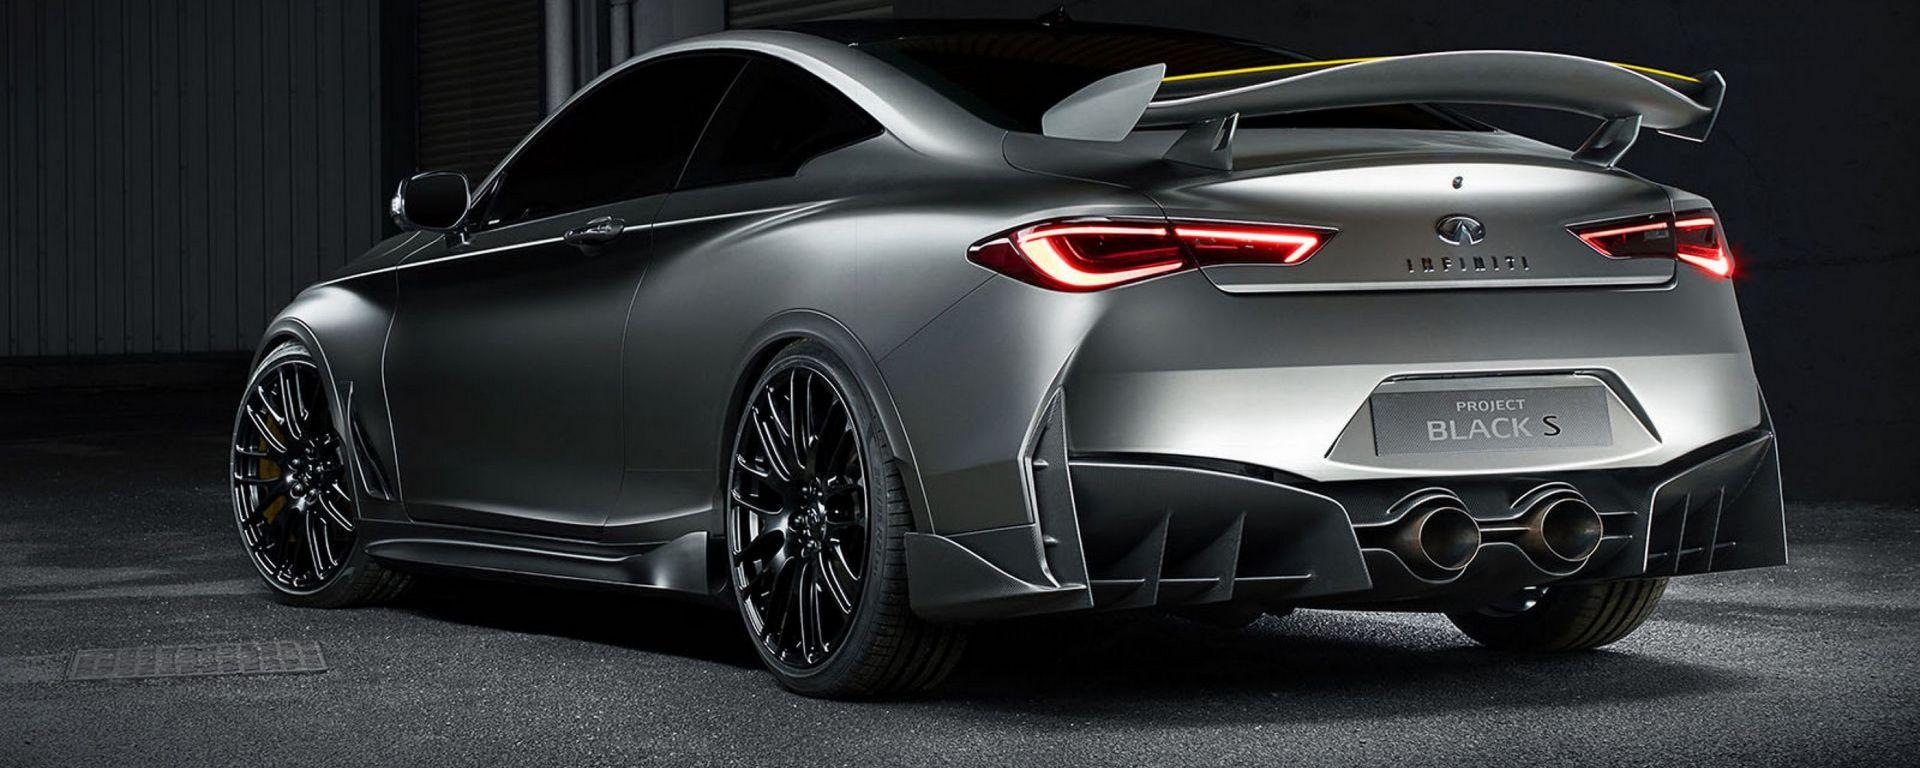 Infiniti Q60 Project Black S Concept: al Salone di Ginevra 2017 la versione più cattiva della coupé giapponese